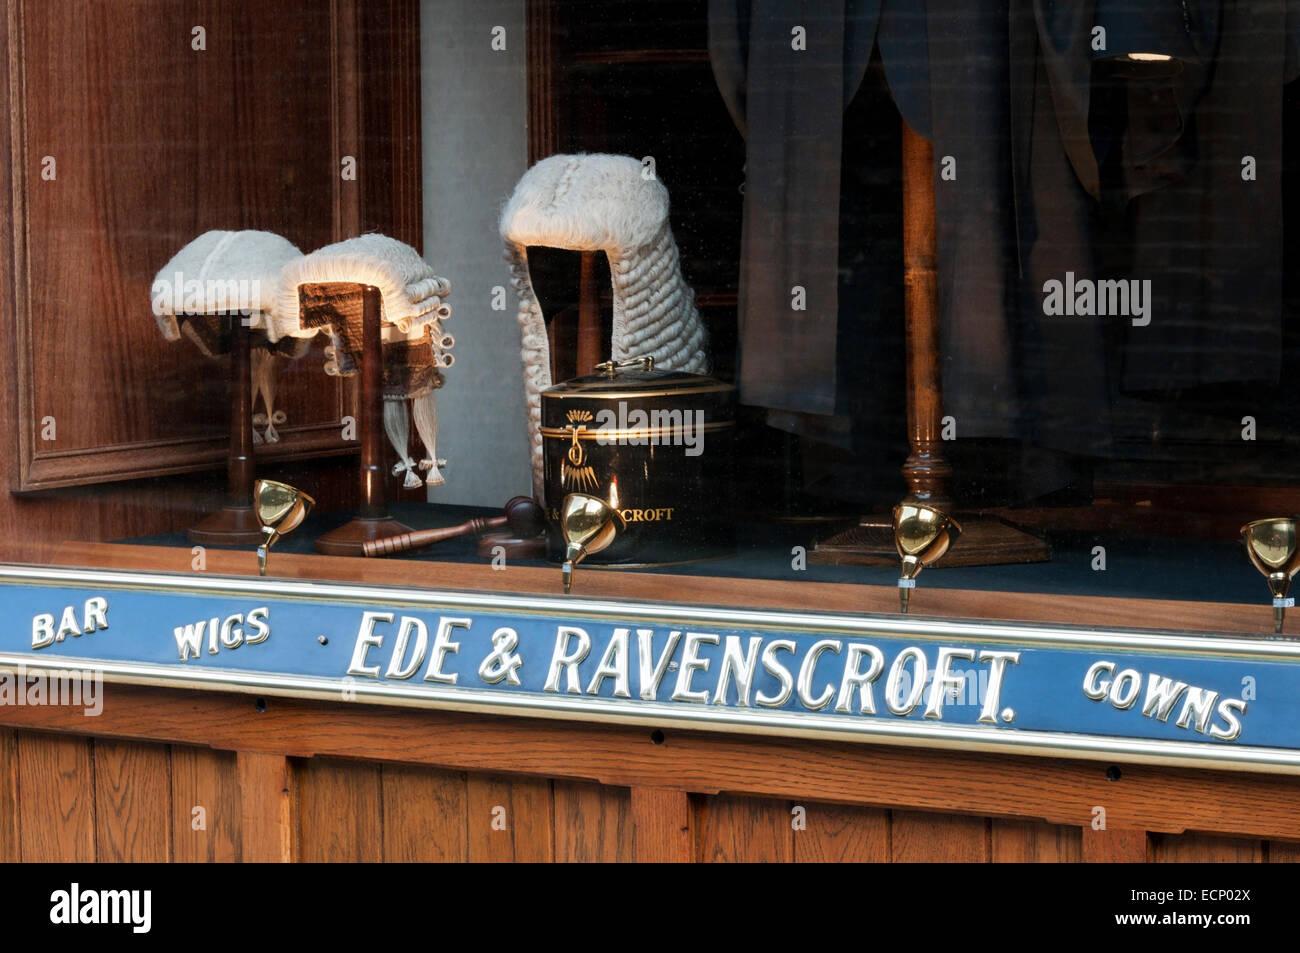 Perruques Barristers' dans la fenêtre d'Ede & Ravenscroft, Londres. Photo Stock